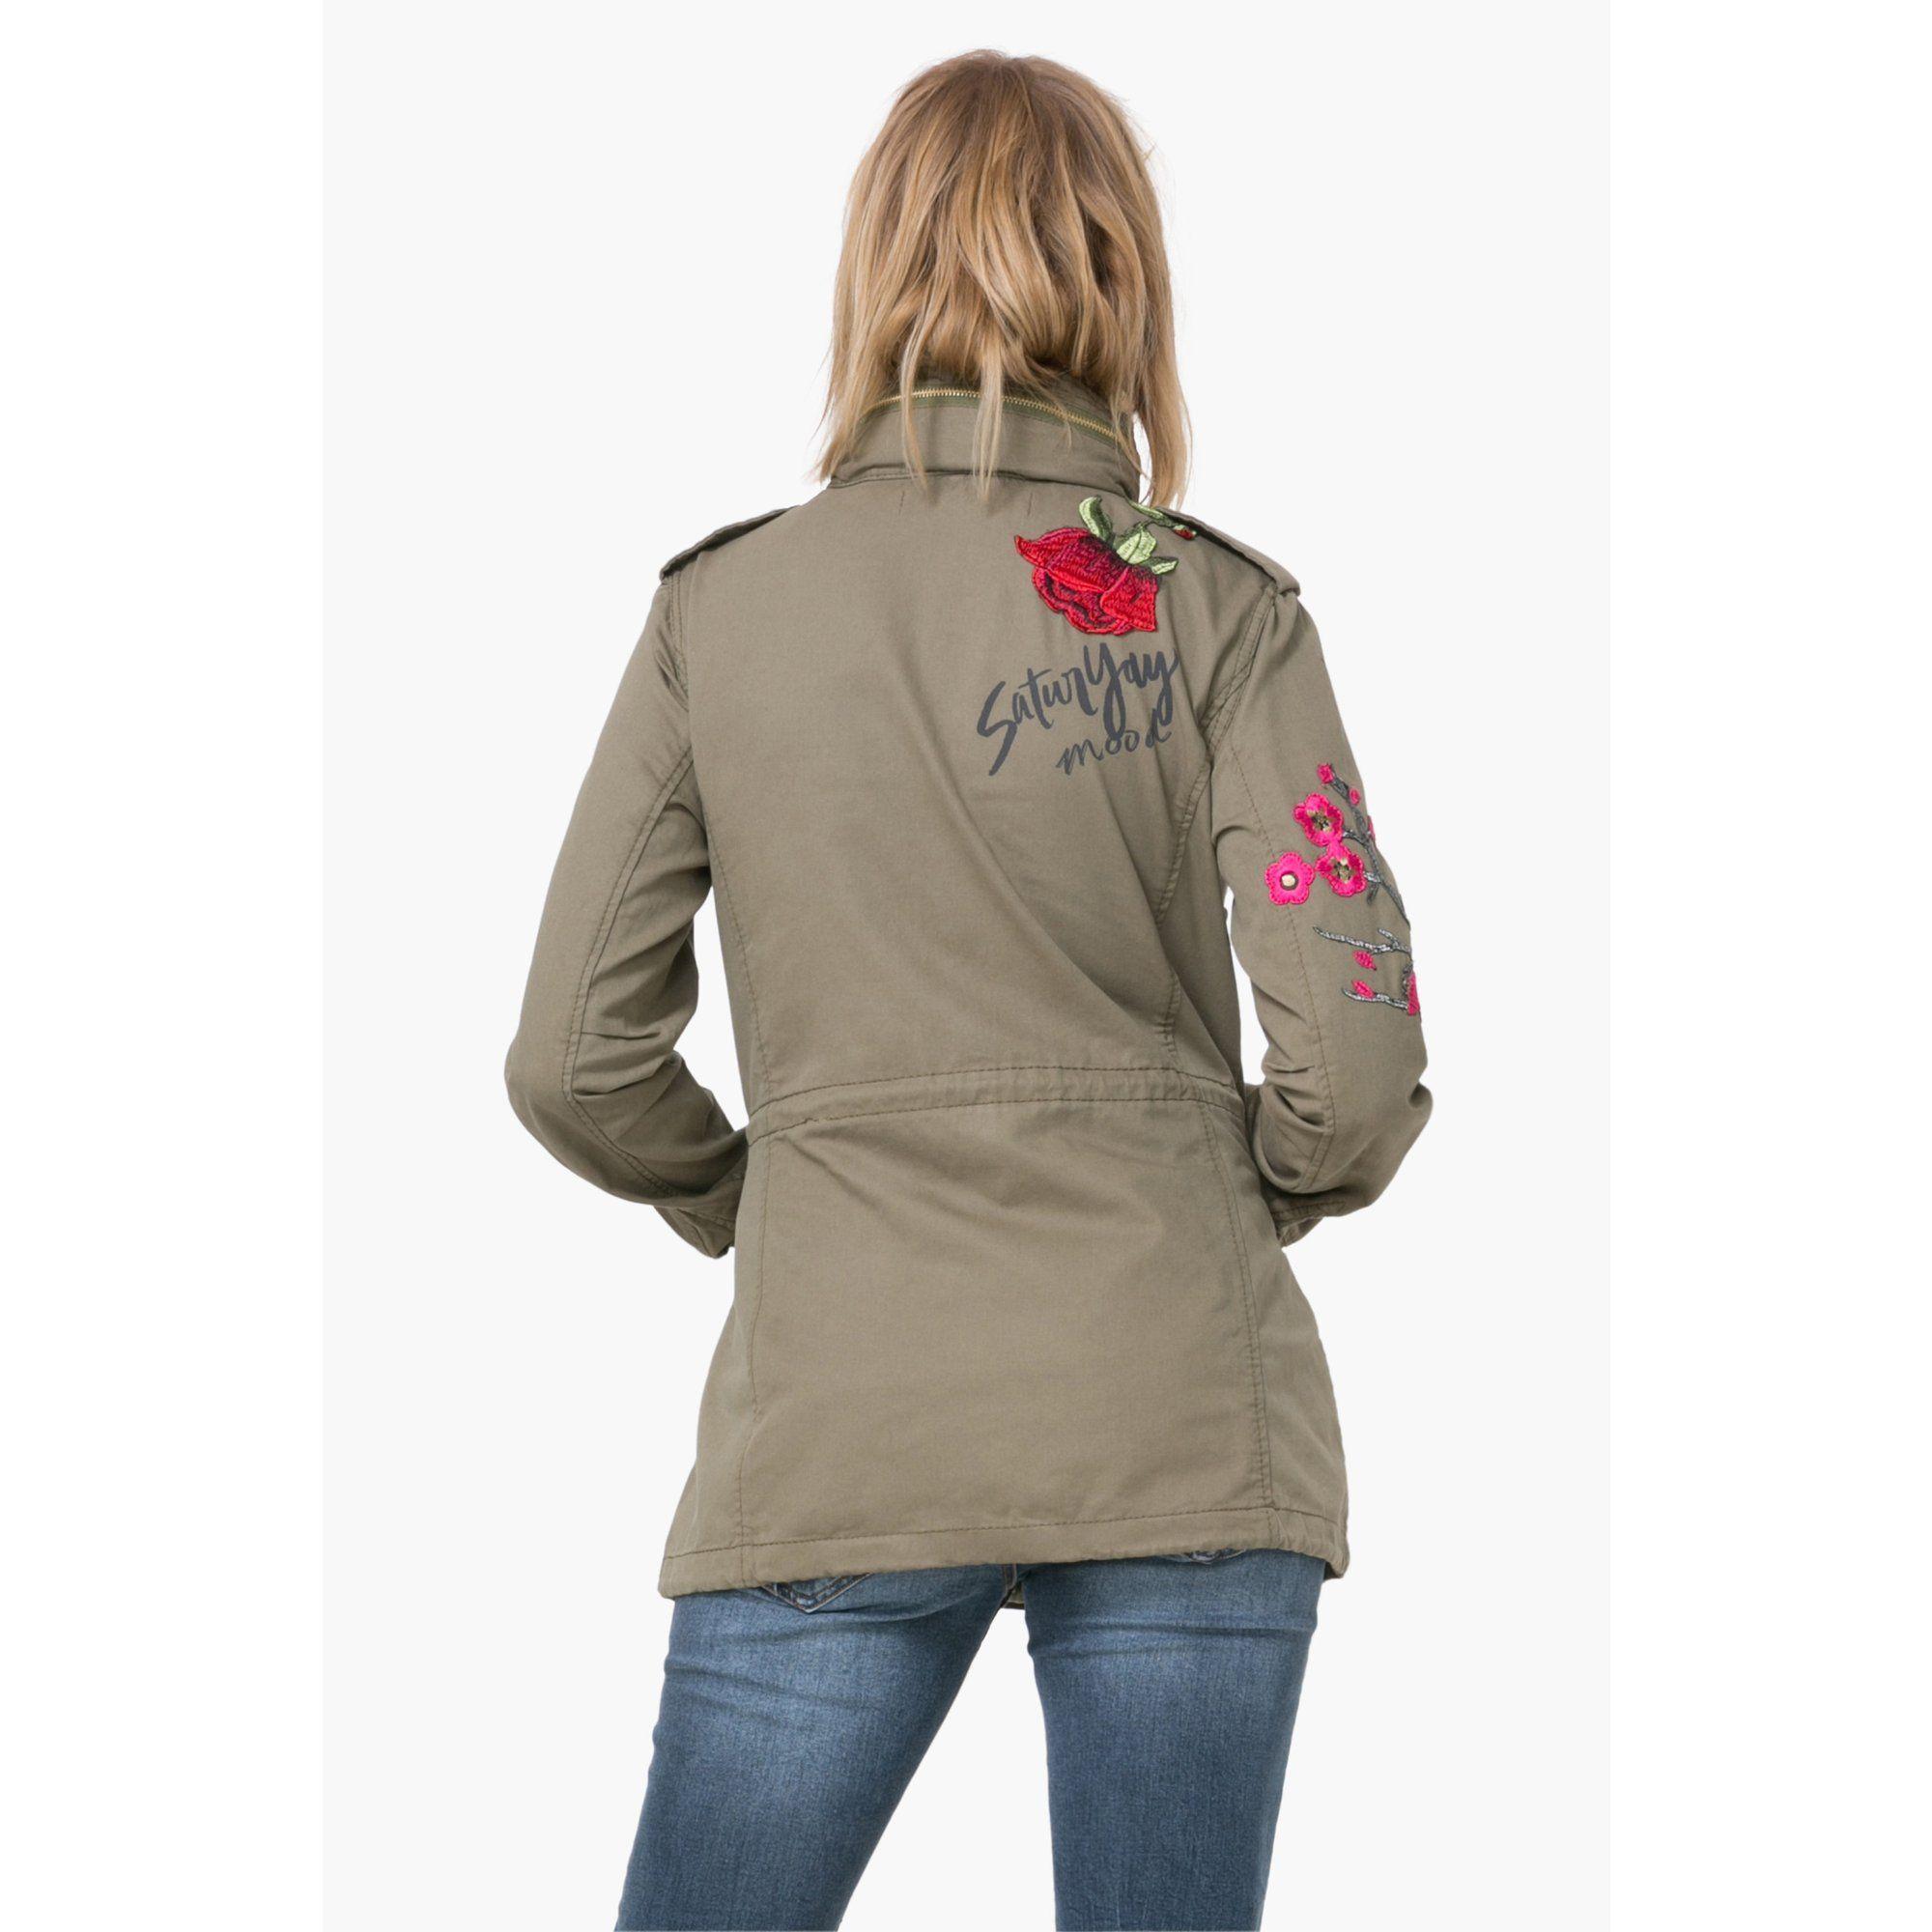 Veste cargo esprit militaire femme Taque Desigual. Shoppez le style  militaire sans négliger votre allure 1af01f3c8ad8